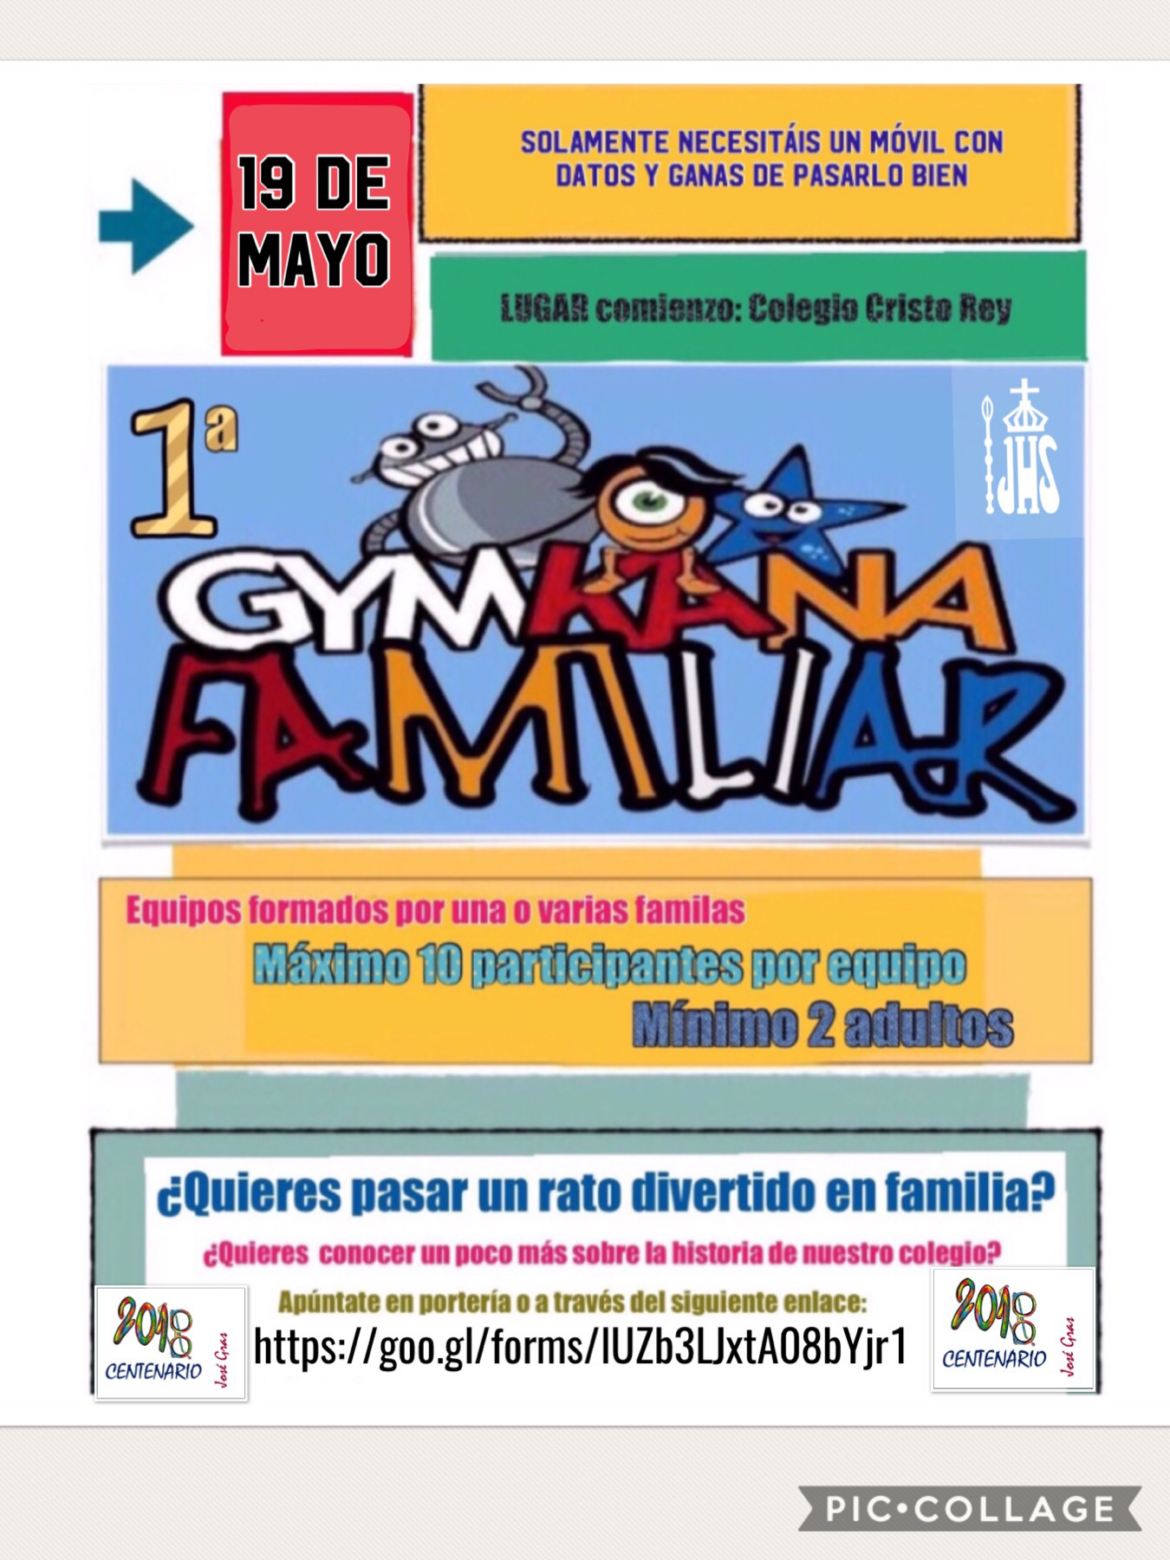 Gymkana familiar – Sábado 19 de Mayo